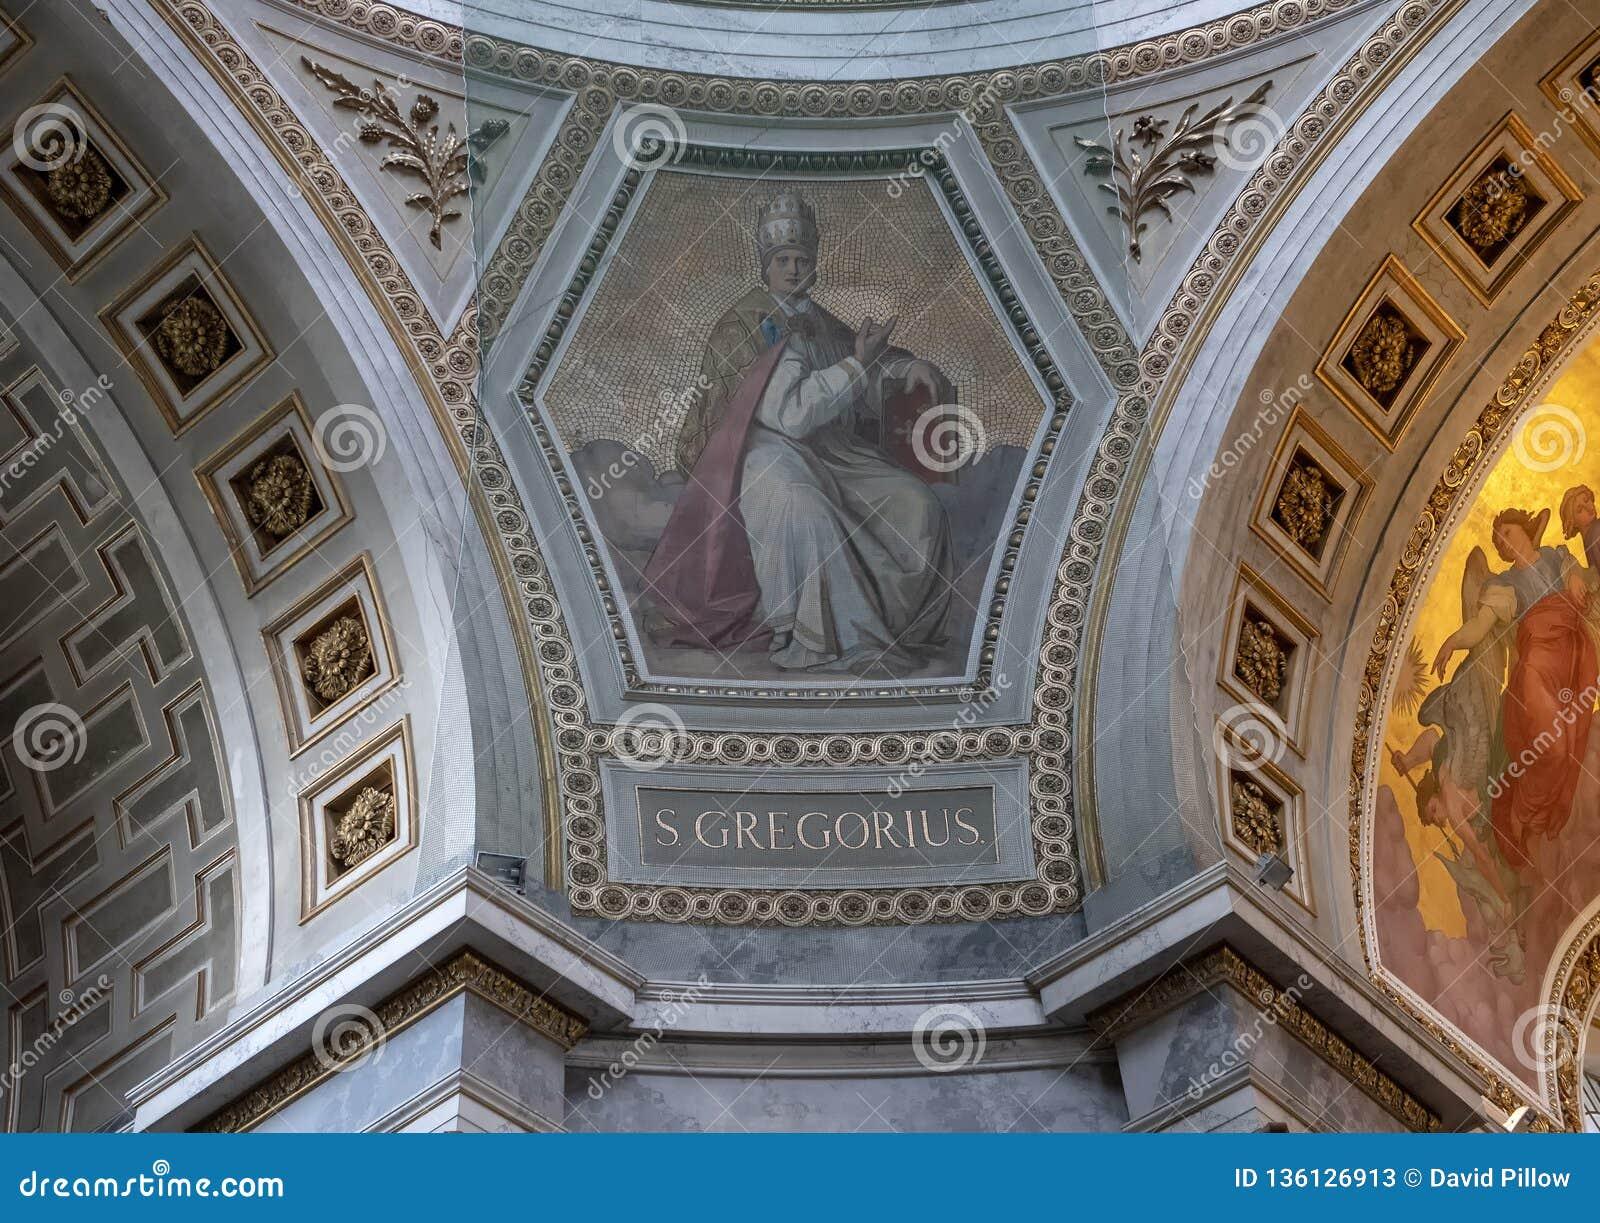 Obraz ochraniający zarabiać netto wśrodku Esztergom bazyliki Świątobliwy Gregorius, Esztergorm, Węgry